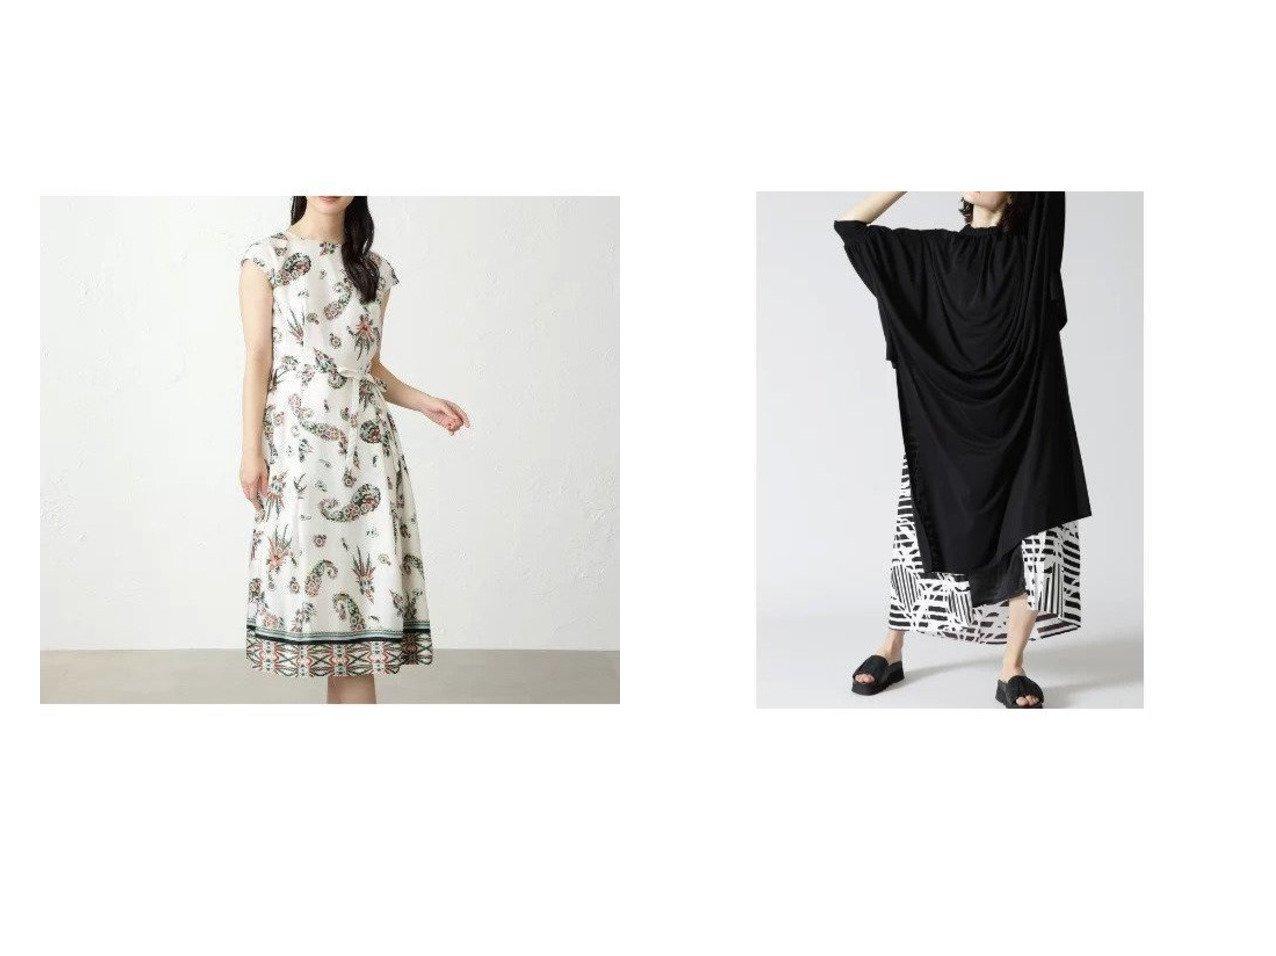 【AMACA/アマカ】のボタニカルペイズリードレス&【ADORE/アドーア】のモノトーンジオメトリックプリントワンピース 【ワンピース・ドレス】おすすめ!人気、トレンド・レディースファッションの通販 おすすめで人気の流行・トレンド、ファッションの通販商品 インテリア・家具・メンズファッション・キッズファッション・レディースファッション・服の通販 founy(ファニー) https://founy.com/ ファッション Fashion レディースファッション WOMEN ワンピース Dress ドレス Party Dresses シェイプ ドレス フォーマル プリント ボタニカル ラグジュアリー カットソー プリーツ 夏 Summer |ID:crp329100000047615